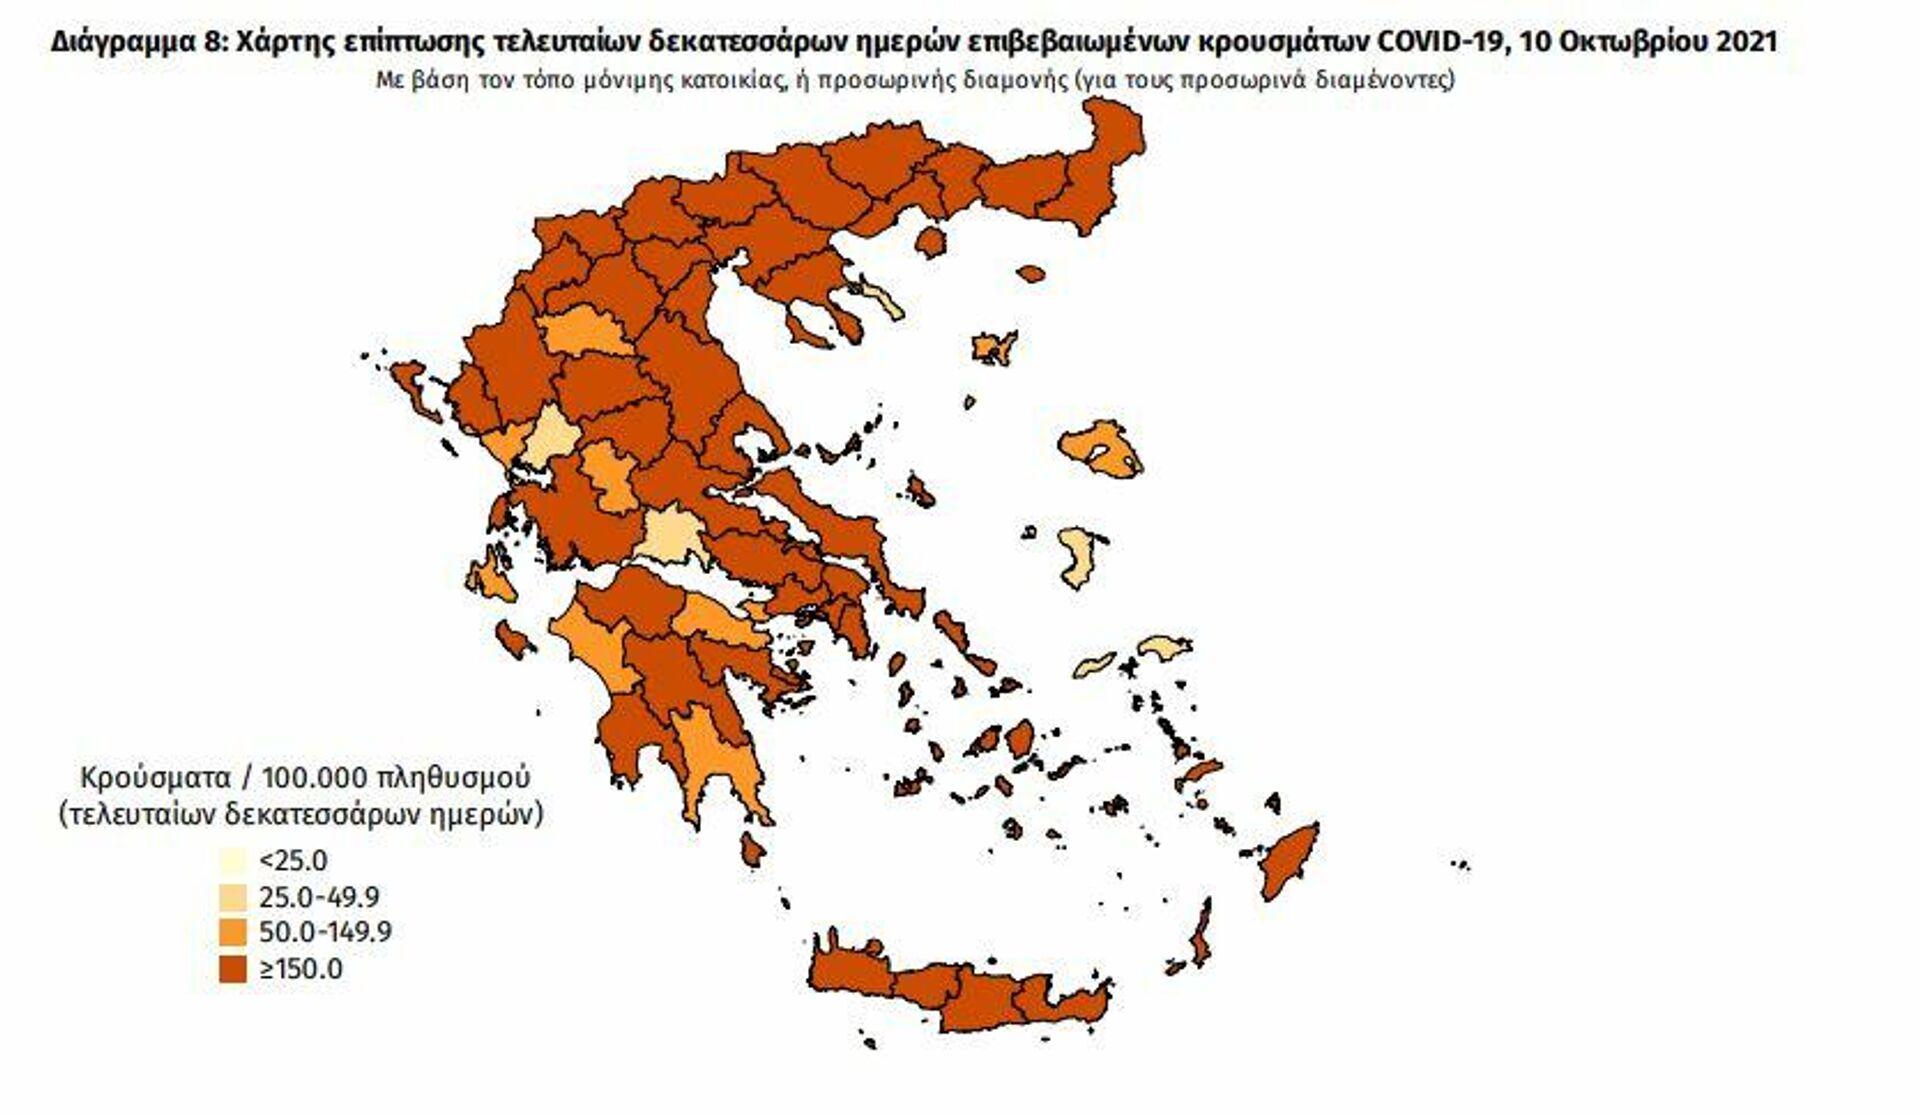 Χάρτης κορονοϊού, 10 Οκτωβρίου - Sputnik Ελλάδα, 1920, 10.10.2021